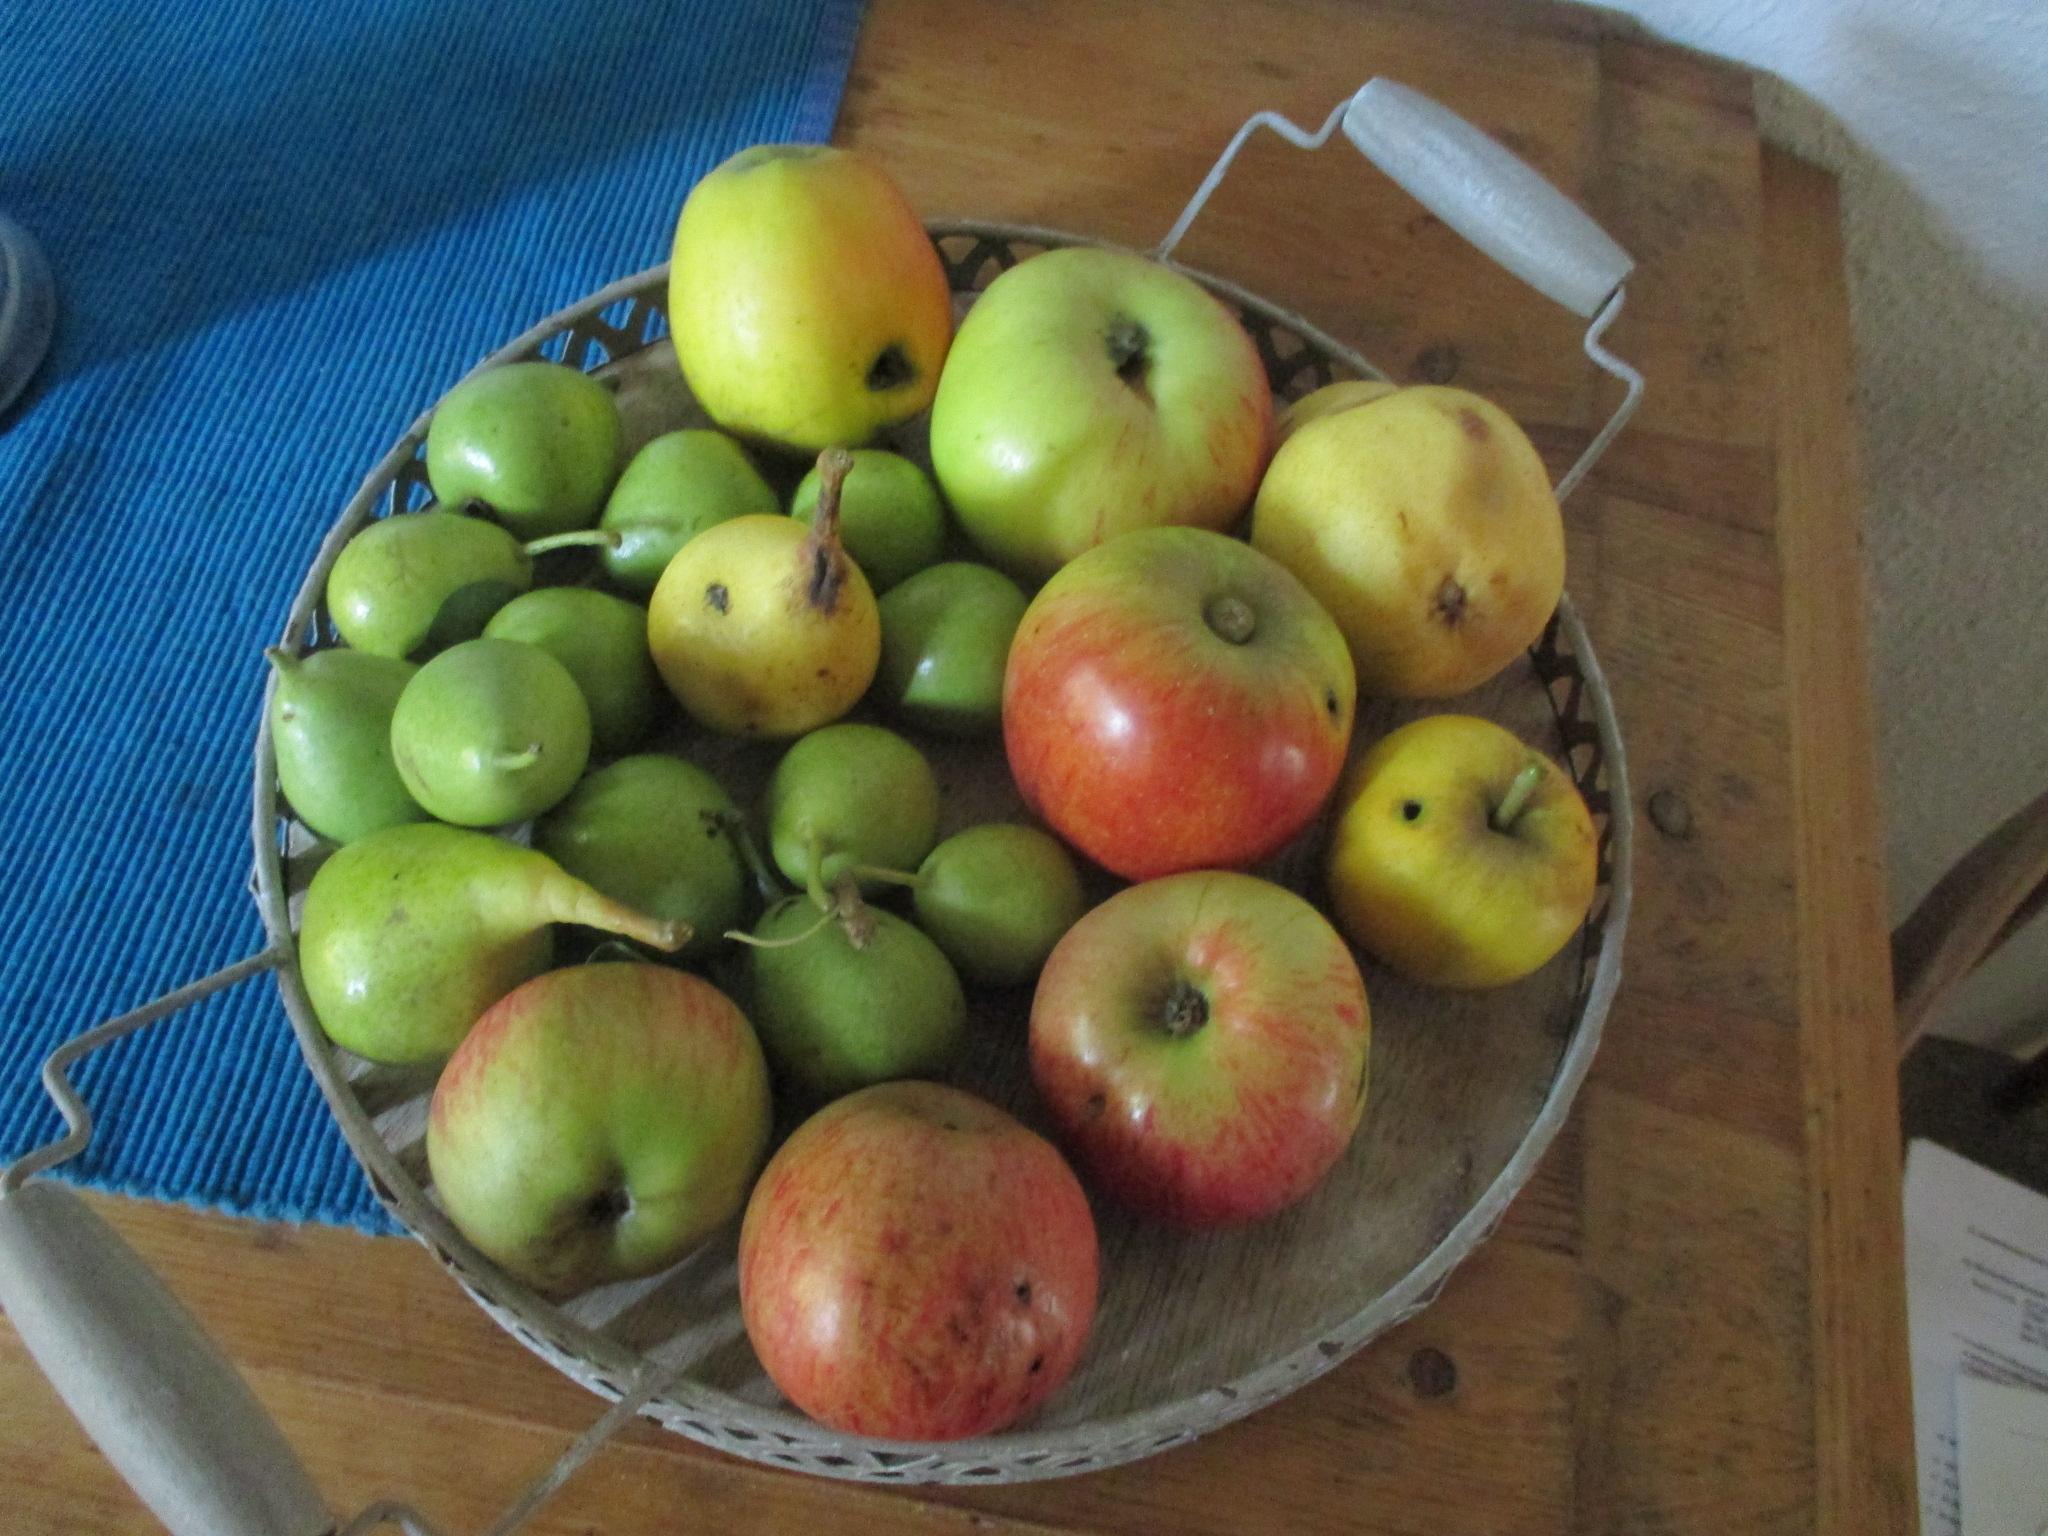 Obst am Wgwesrand -22.8.15   (9)